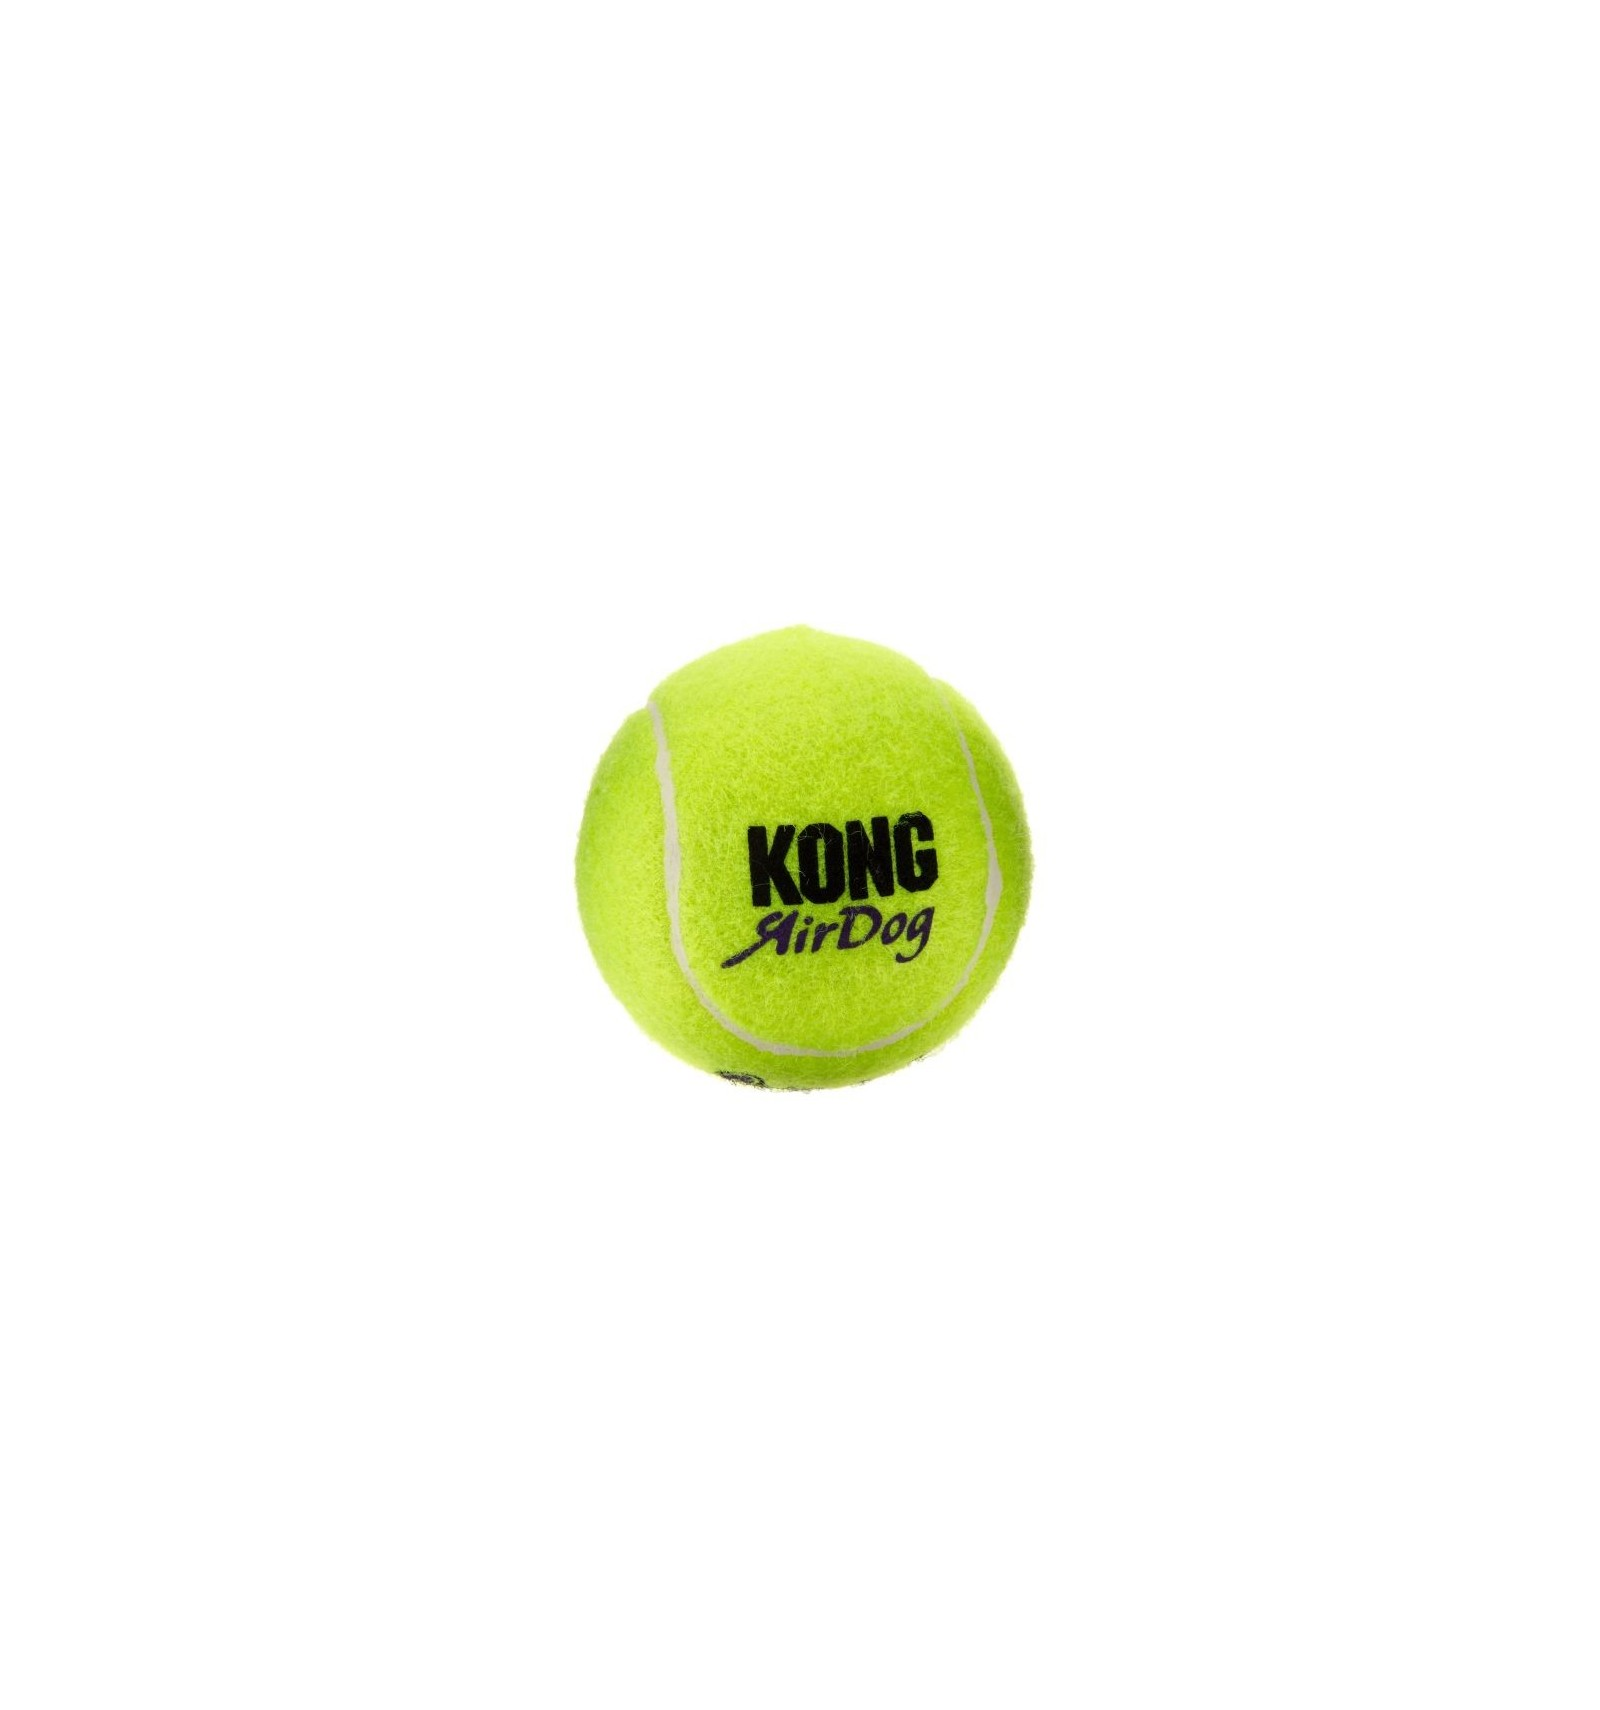 c440507434e6 Brinquedo Air Kong Bola de Ténis c/ som - Tamanho S ( Emb. 3 Bolas )